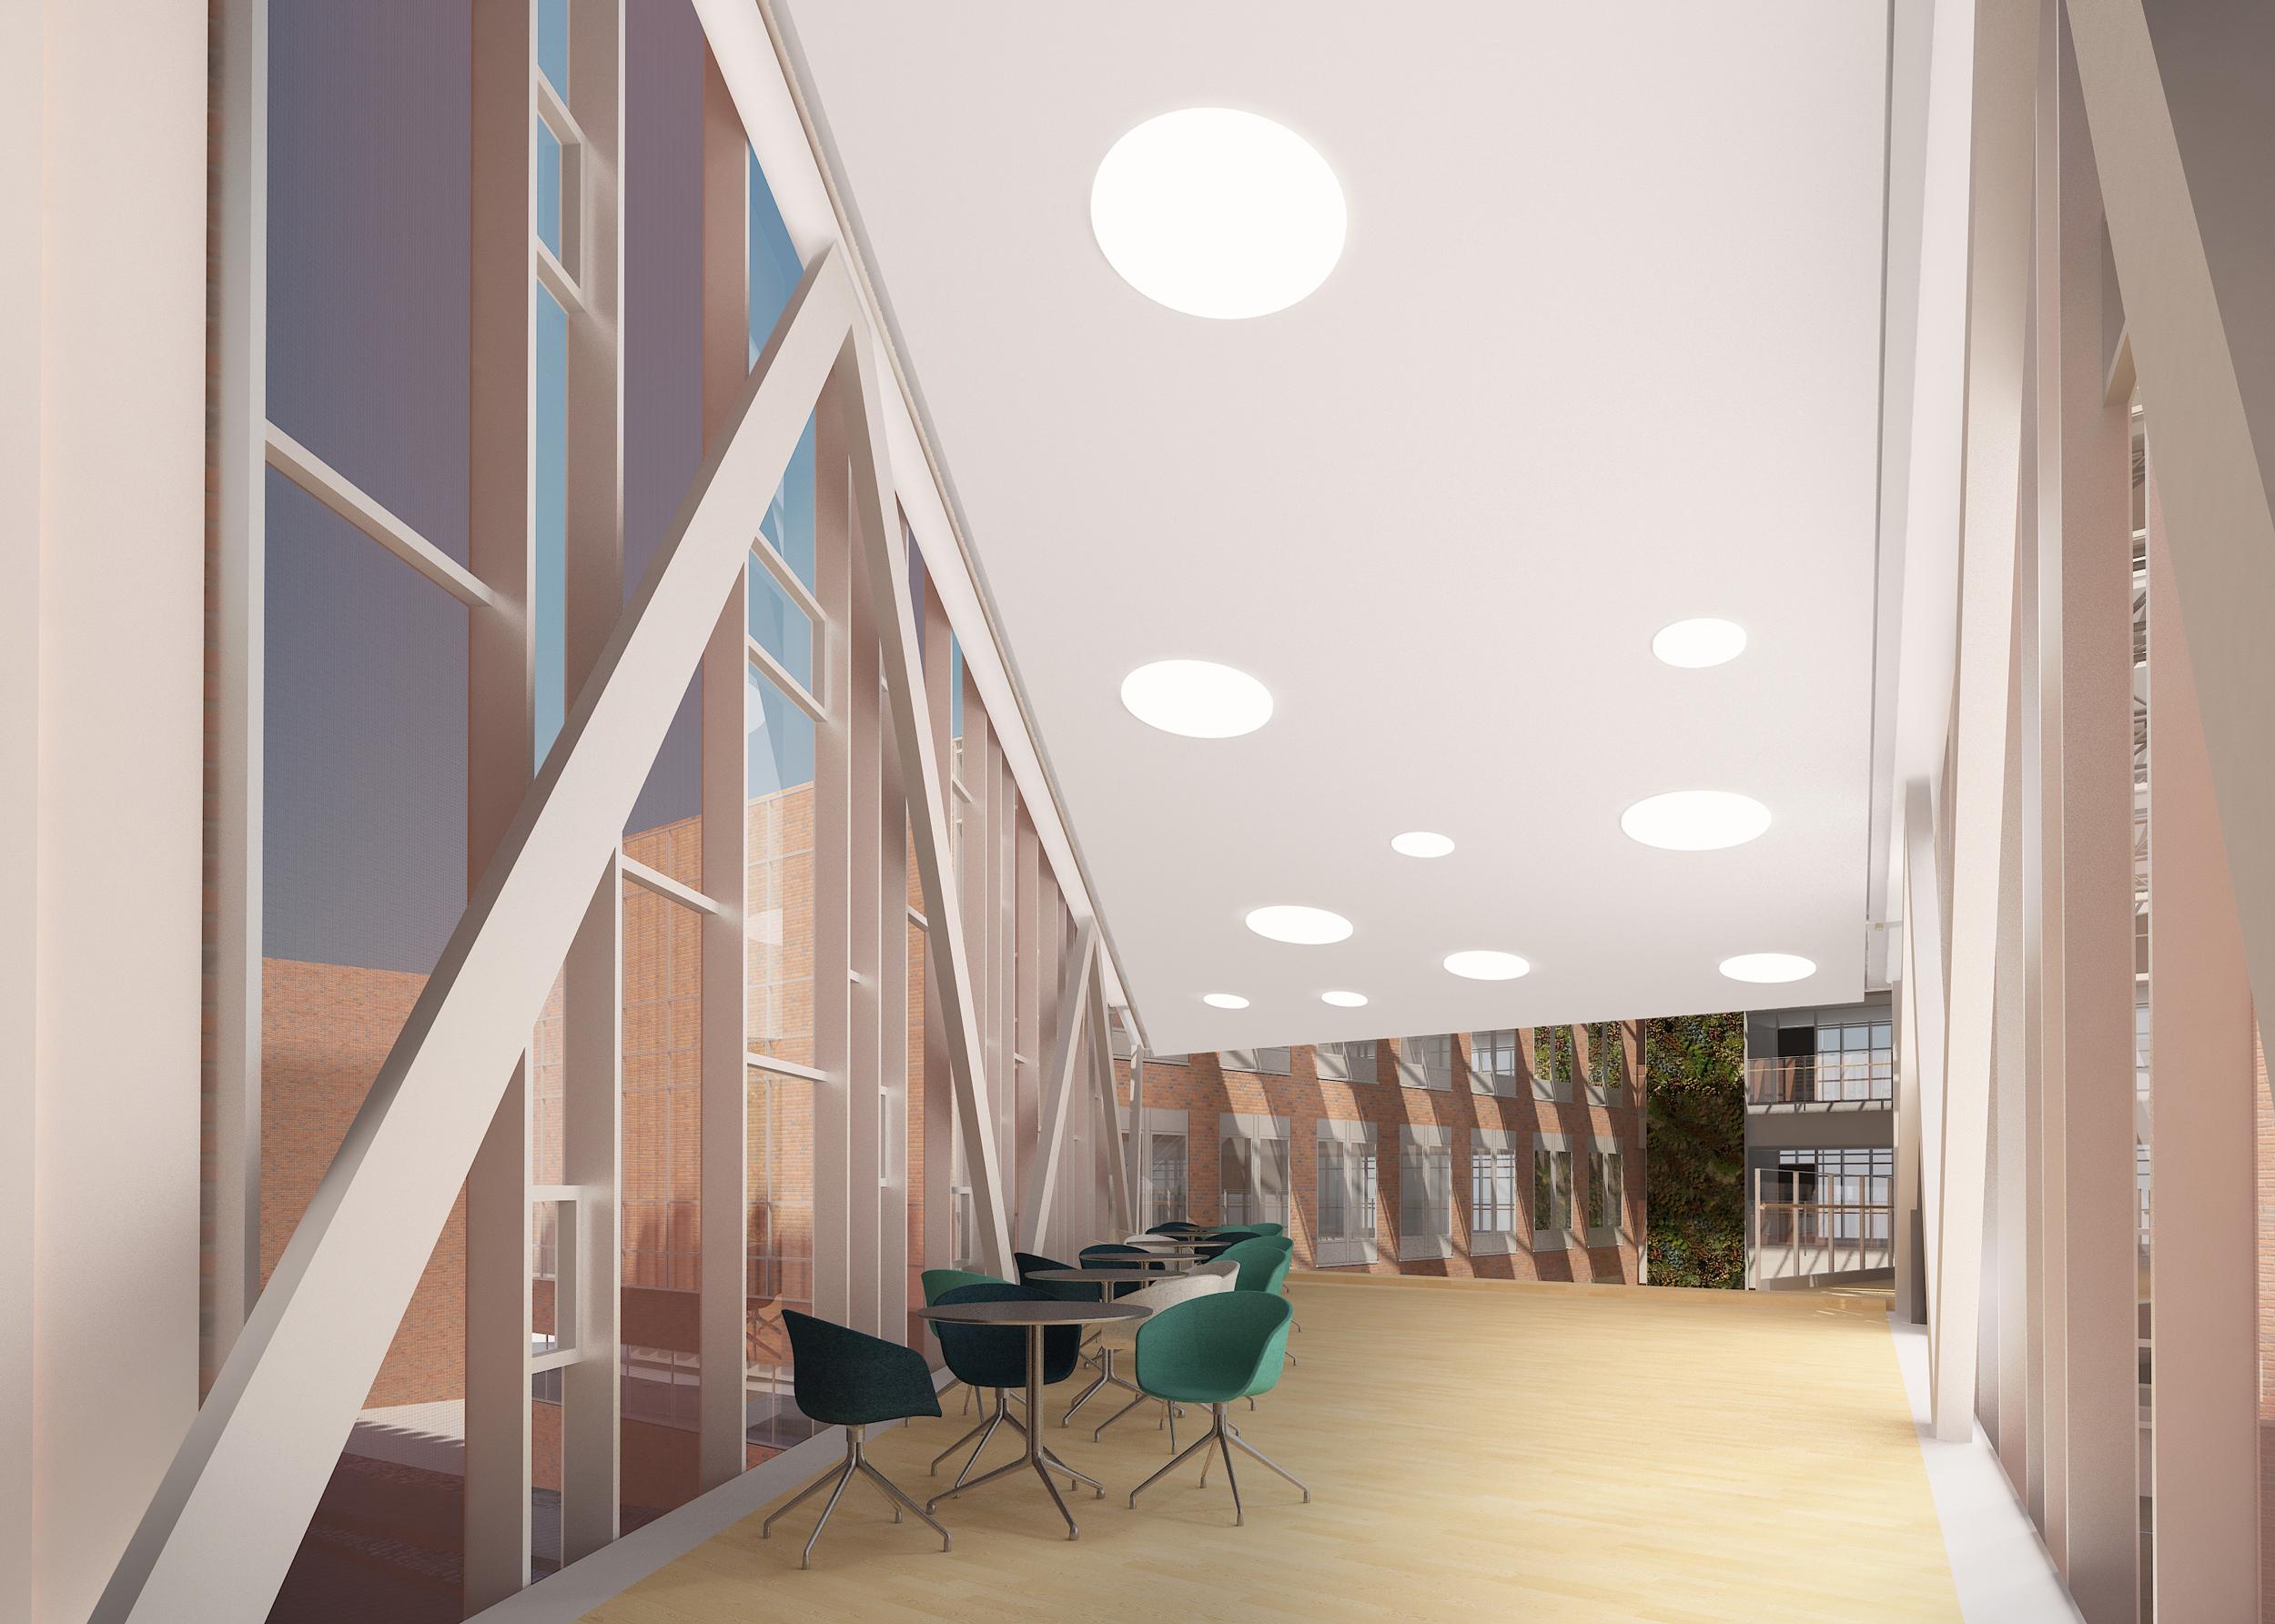 Interior-bridge-02.jpg